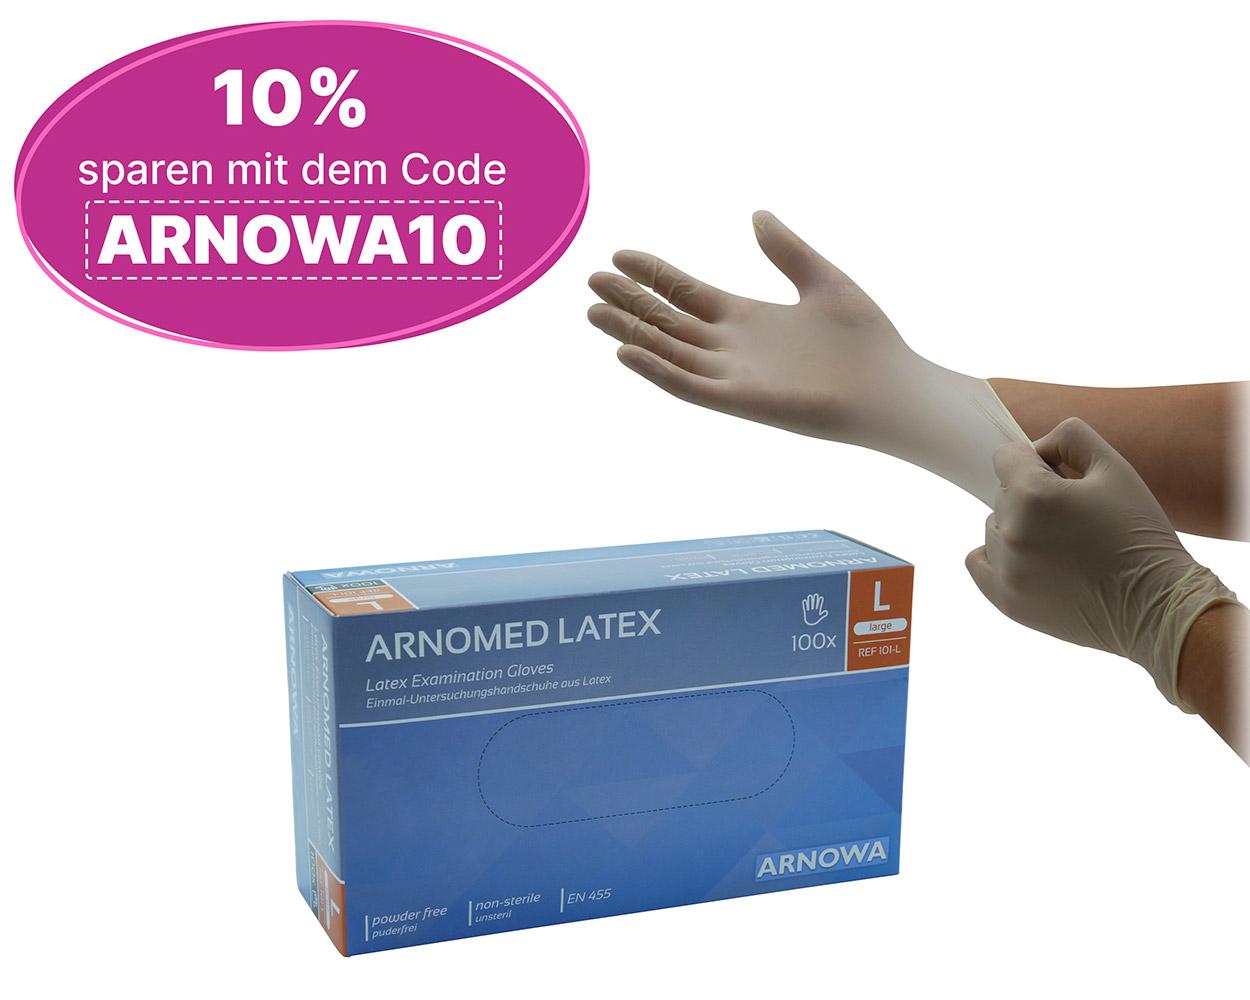 Produktbild ARNOMED Latex mit Jubiläumsbadge